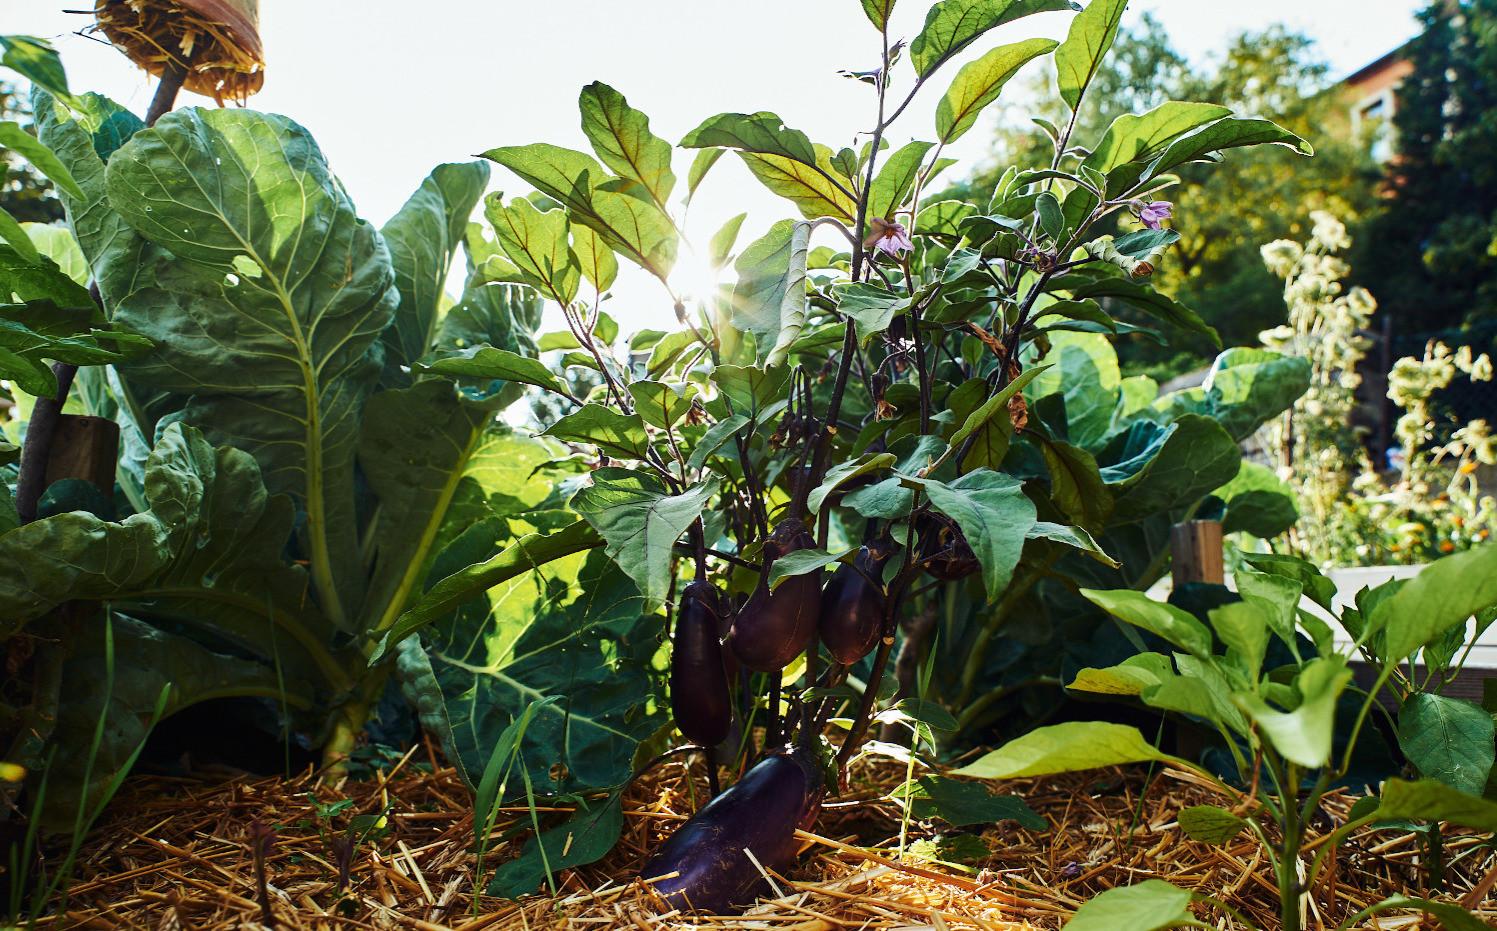 Aubergine Dschungel.jpg